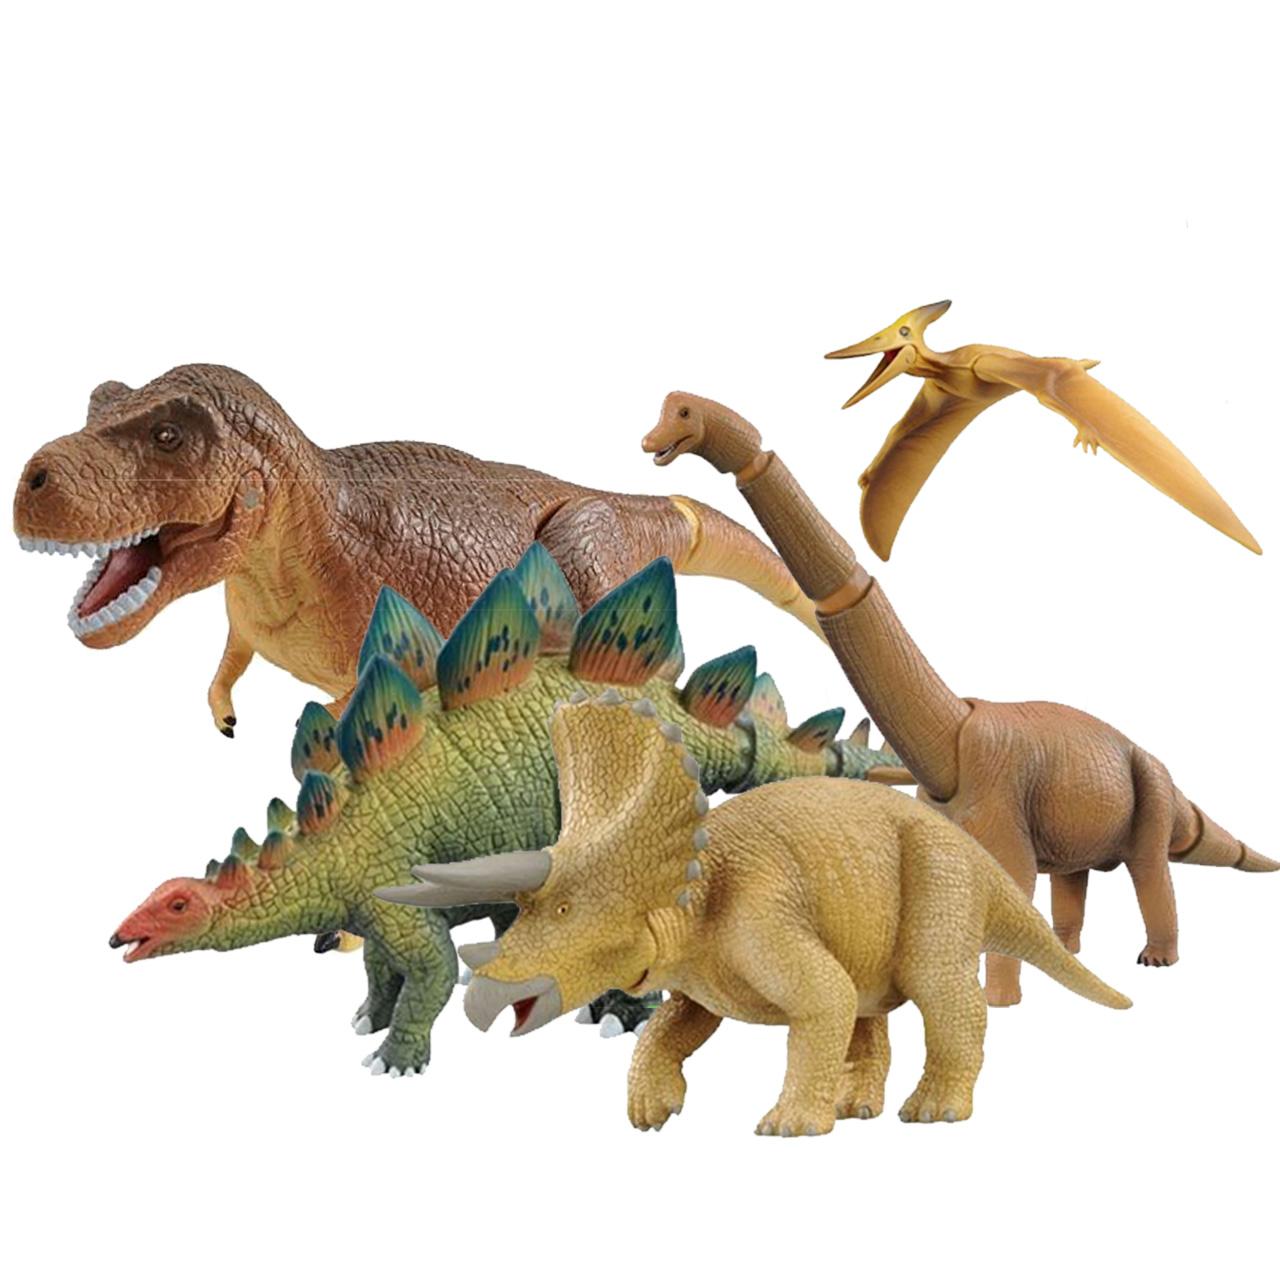 多美卡tomy安利亞仿真恐龍可動發聲動物侏羅紀公園模型兒童玩具